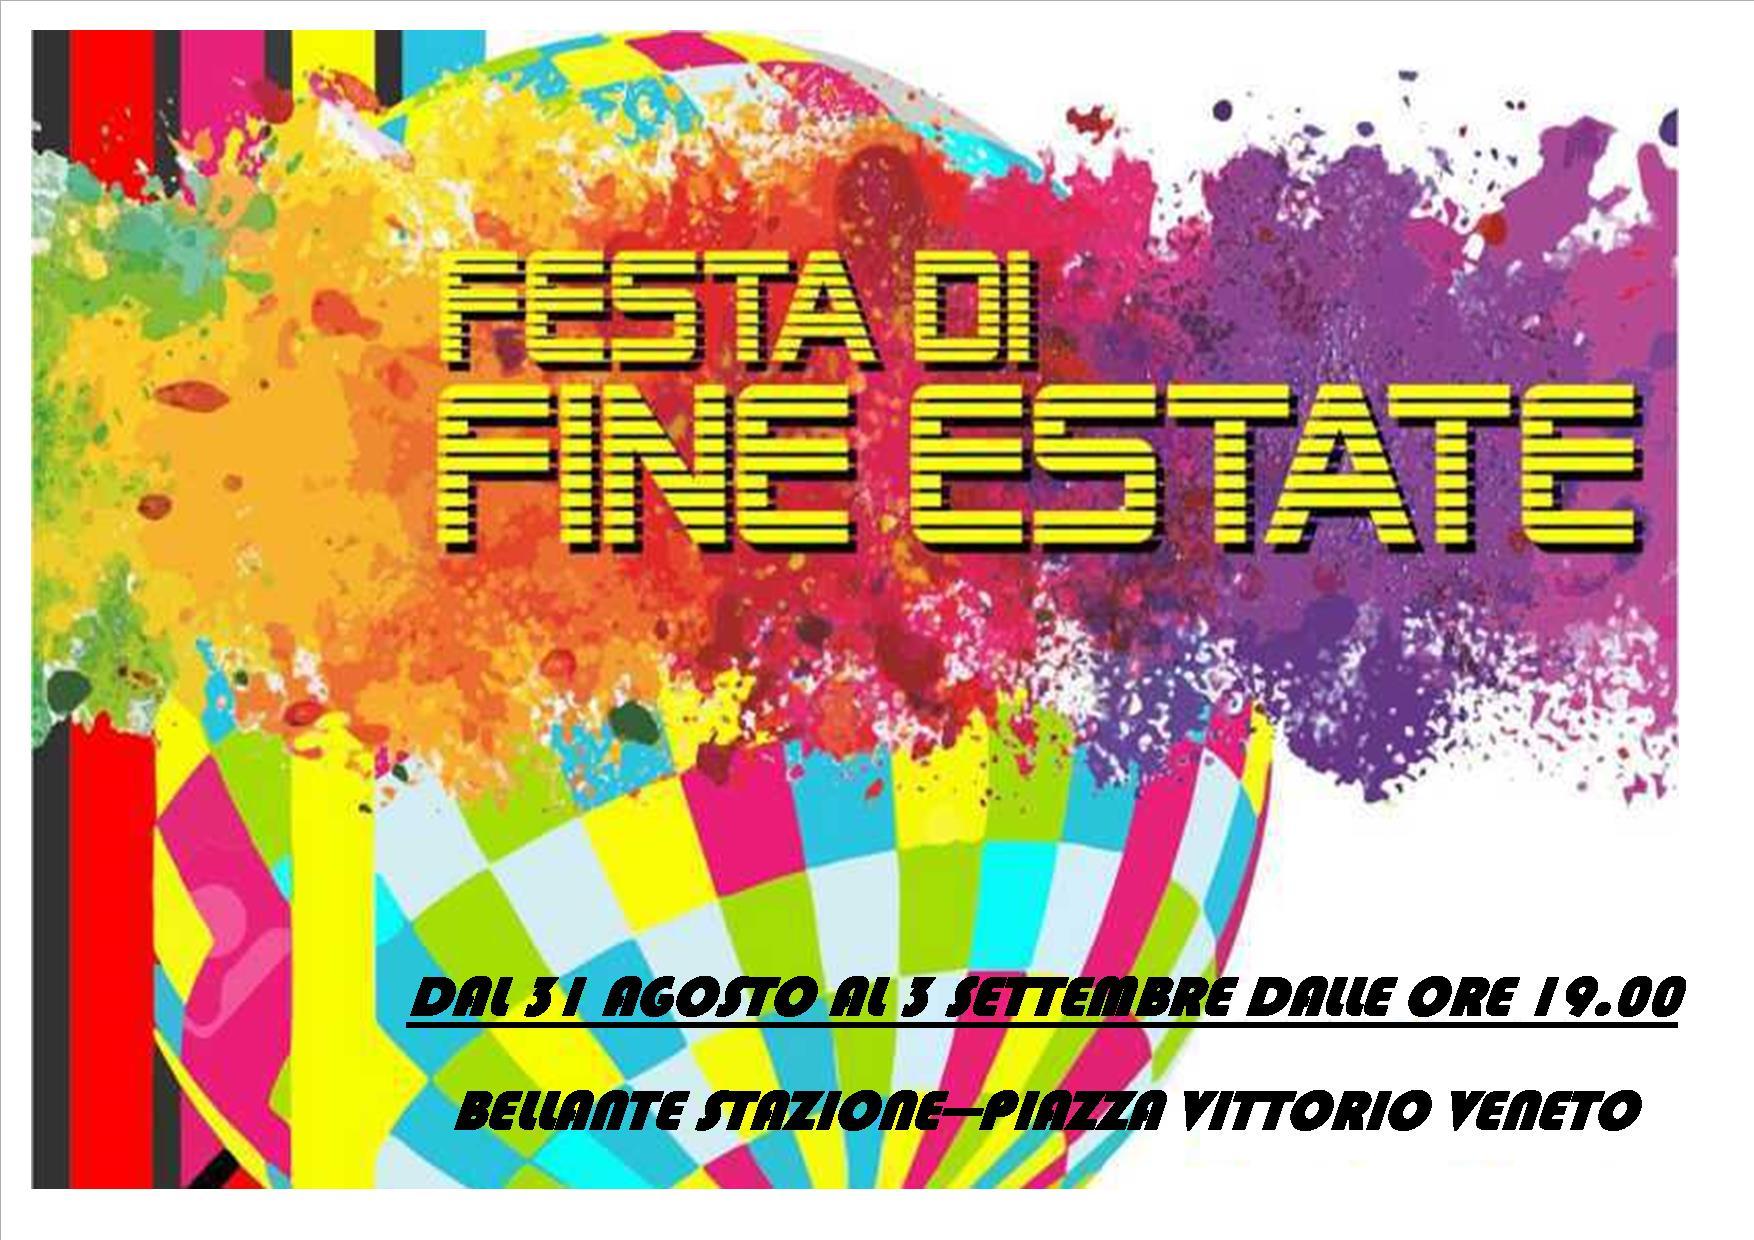 BELLANTESTATE – FESTA DI FINE ESTATE DAL 31 AGOSTO AL 3 SETTEMBRE – BELLANTE STAZIONE – Piazza Vittorio Veneto